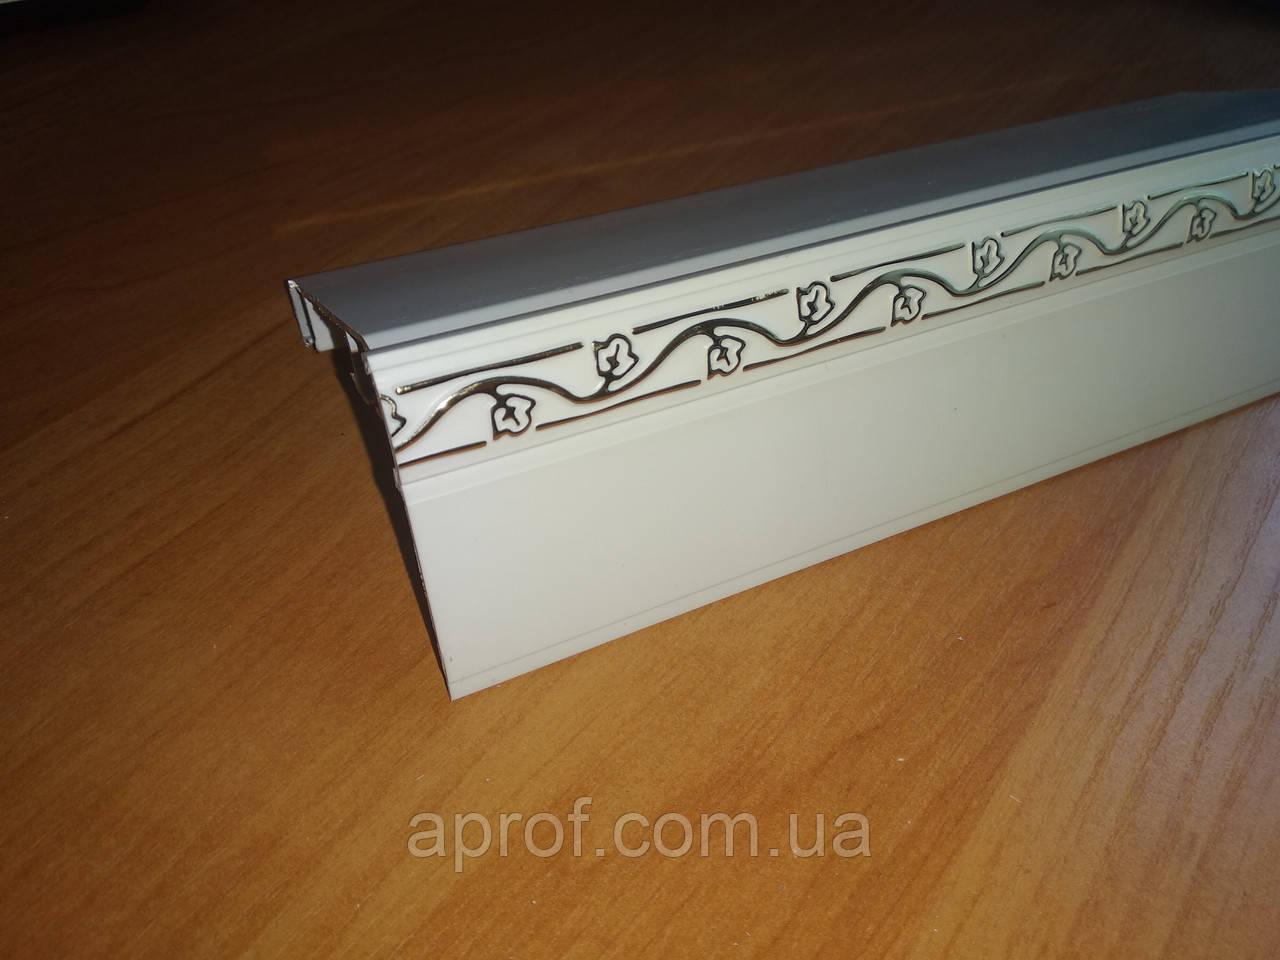 """Карниз алюмінієвий """"БПО-06 2м (дворядний, зі знімною передньою панеллю)"""